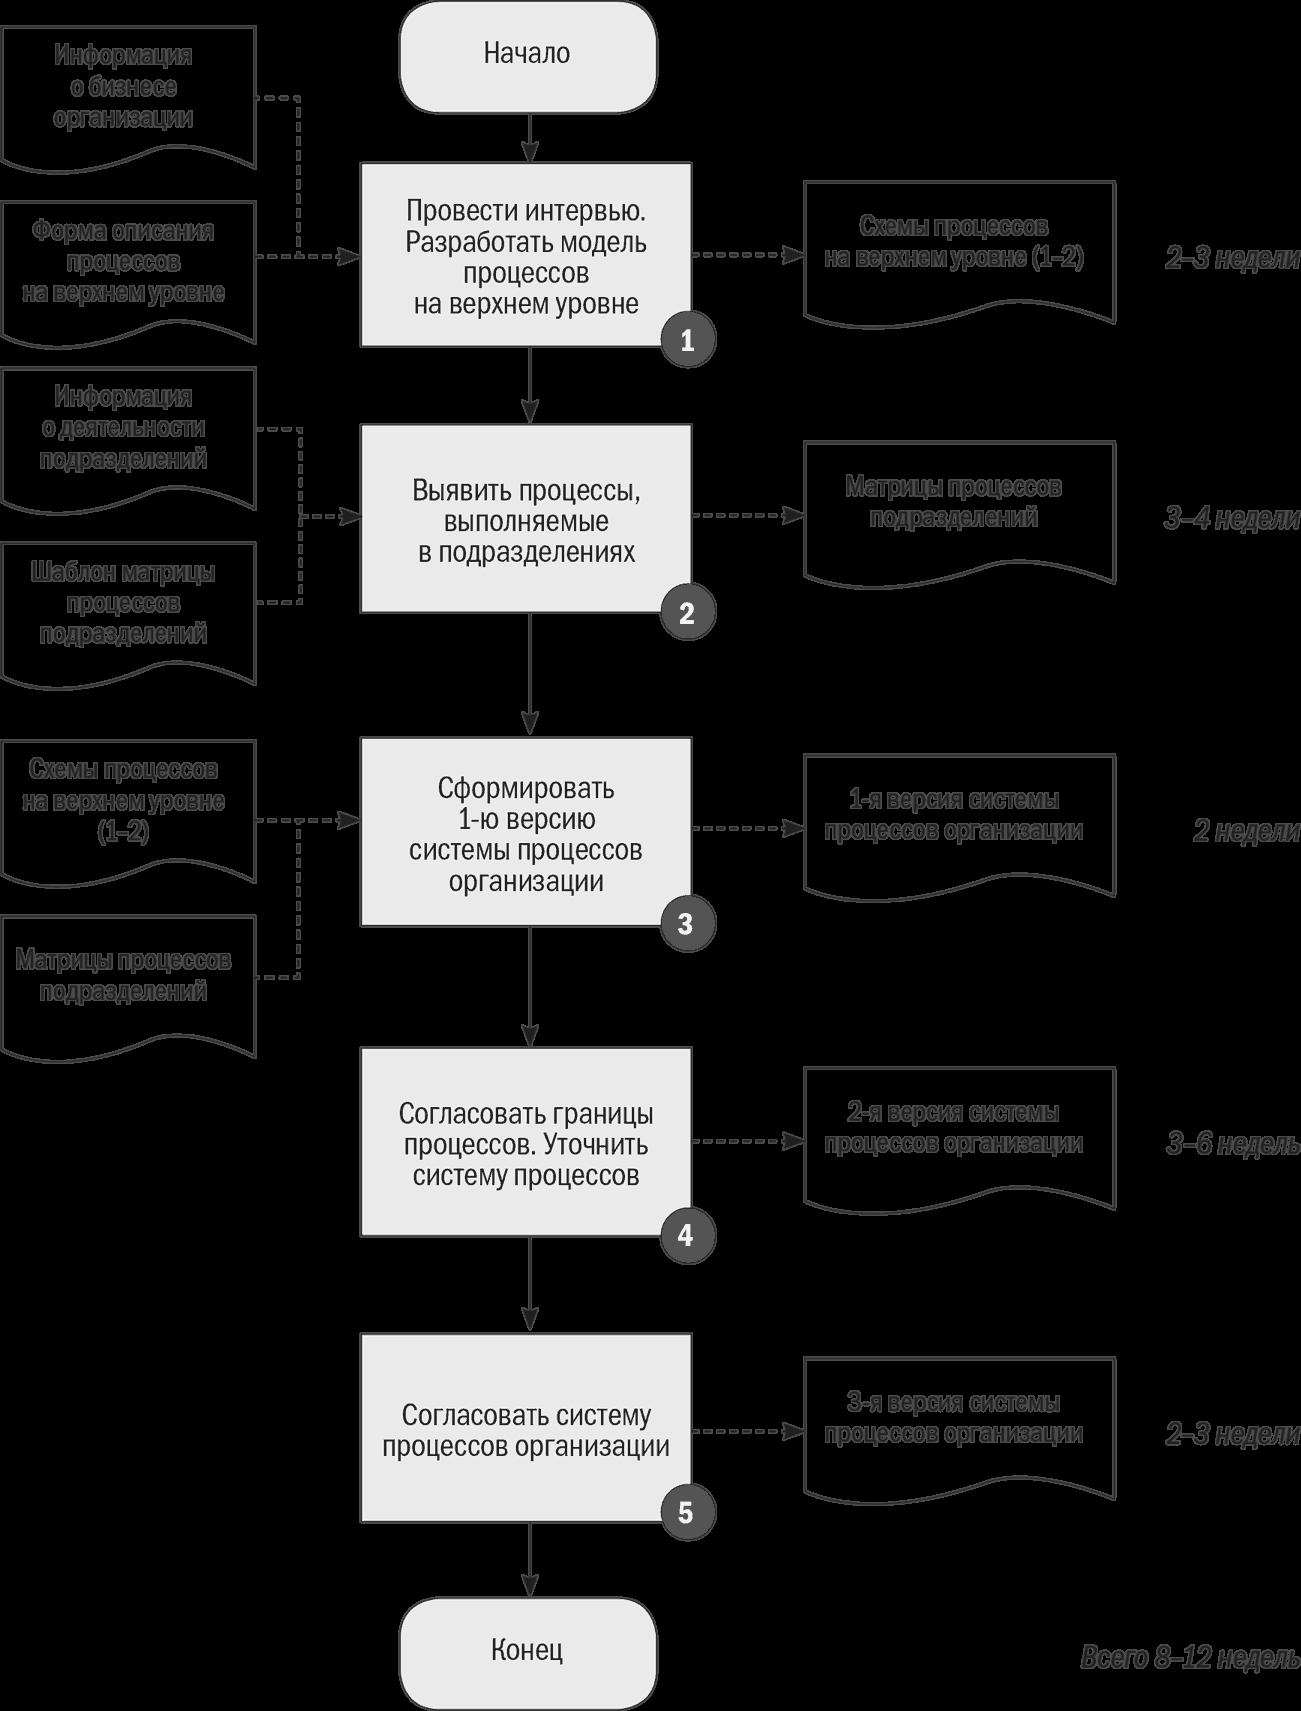 блок схема алгоритма работы отдела снабжения